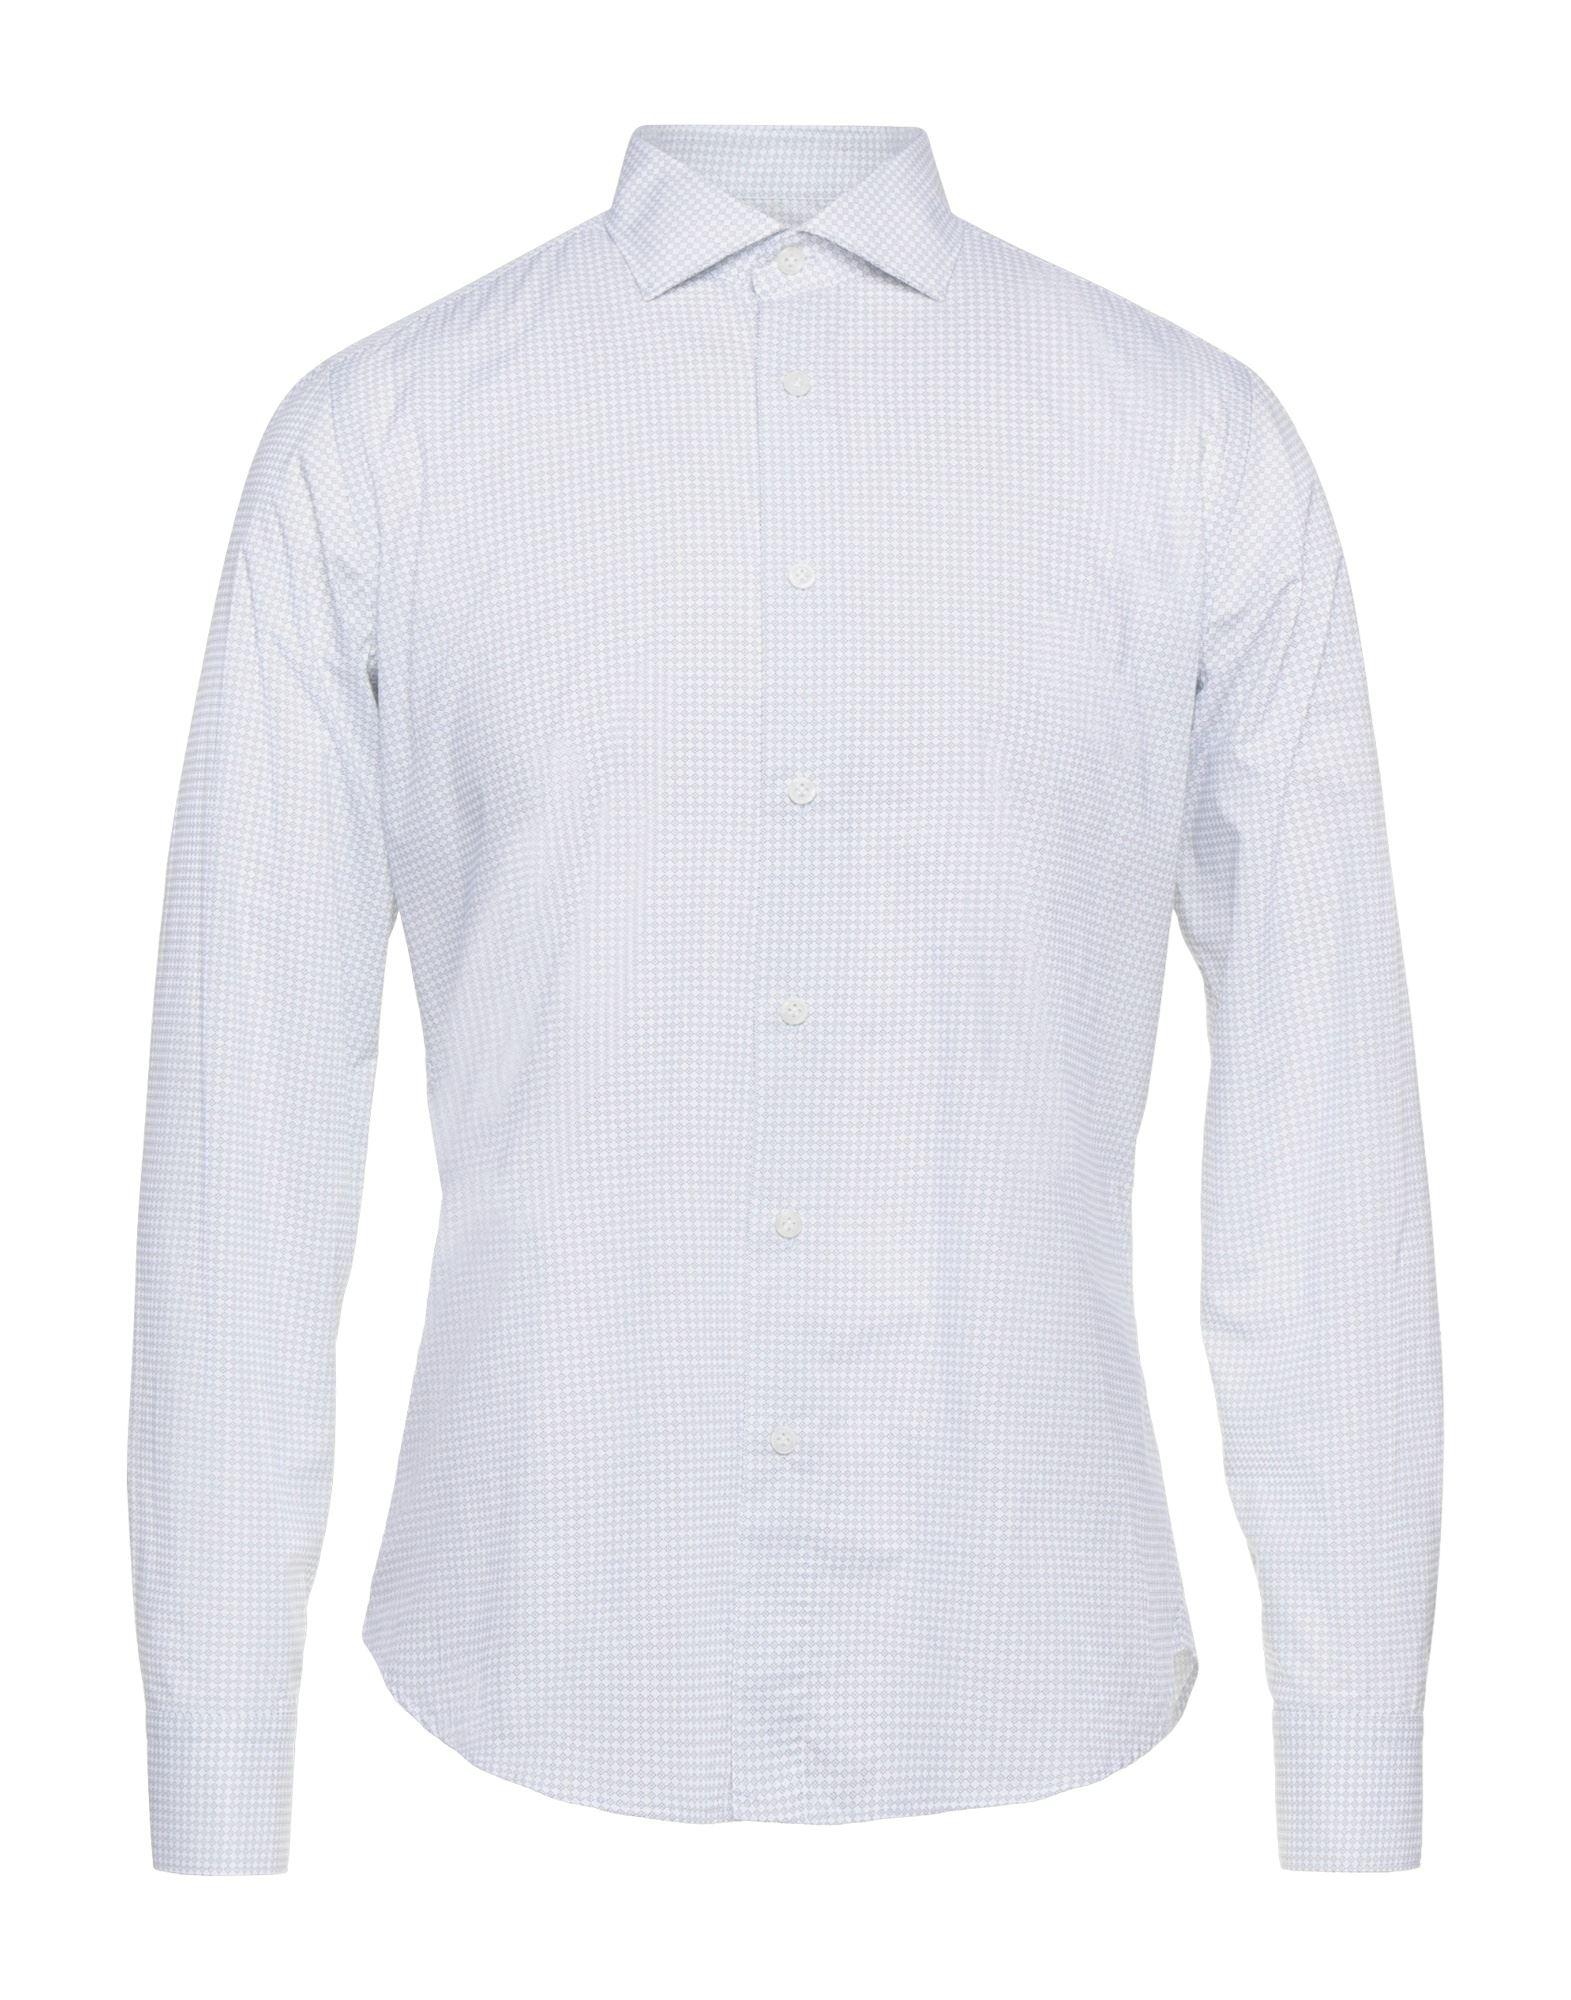 alviero martini 1a classe блузка ALVIERO MARTINI 1a CLASSE Pубашка